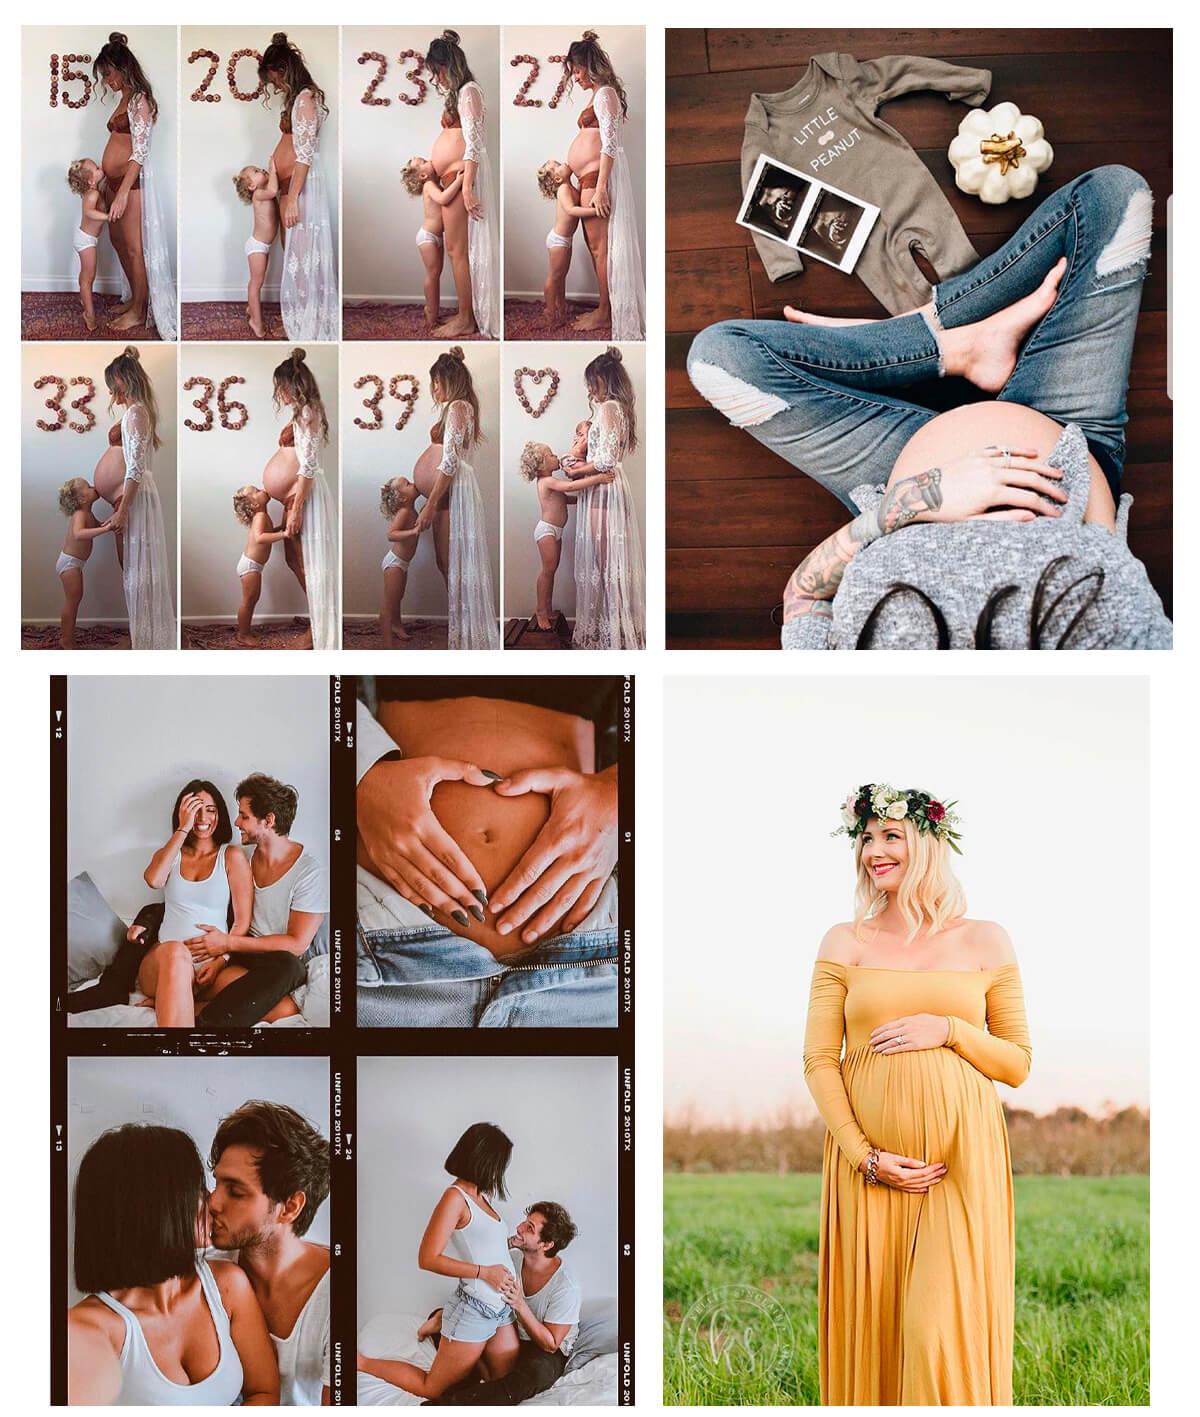 Inspirate con estas referencias para tomar tus propias fotos